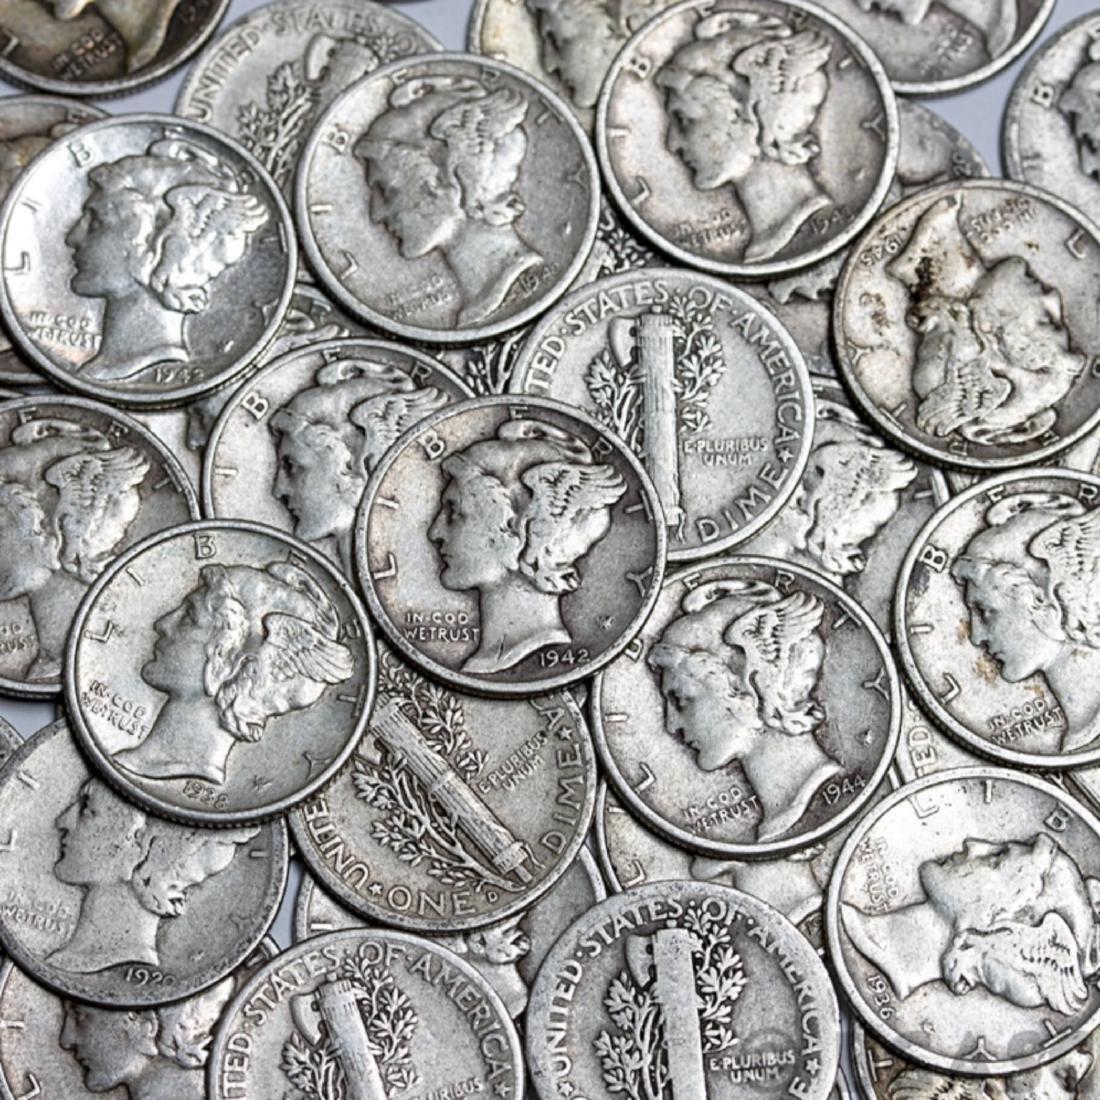 (100) Mercury Dimes - $10 Face Value -90%